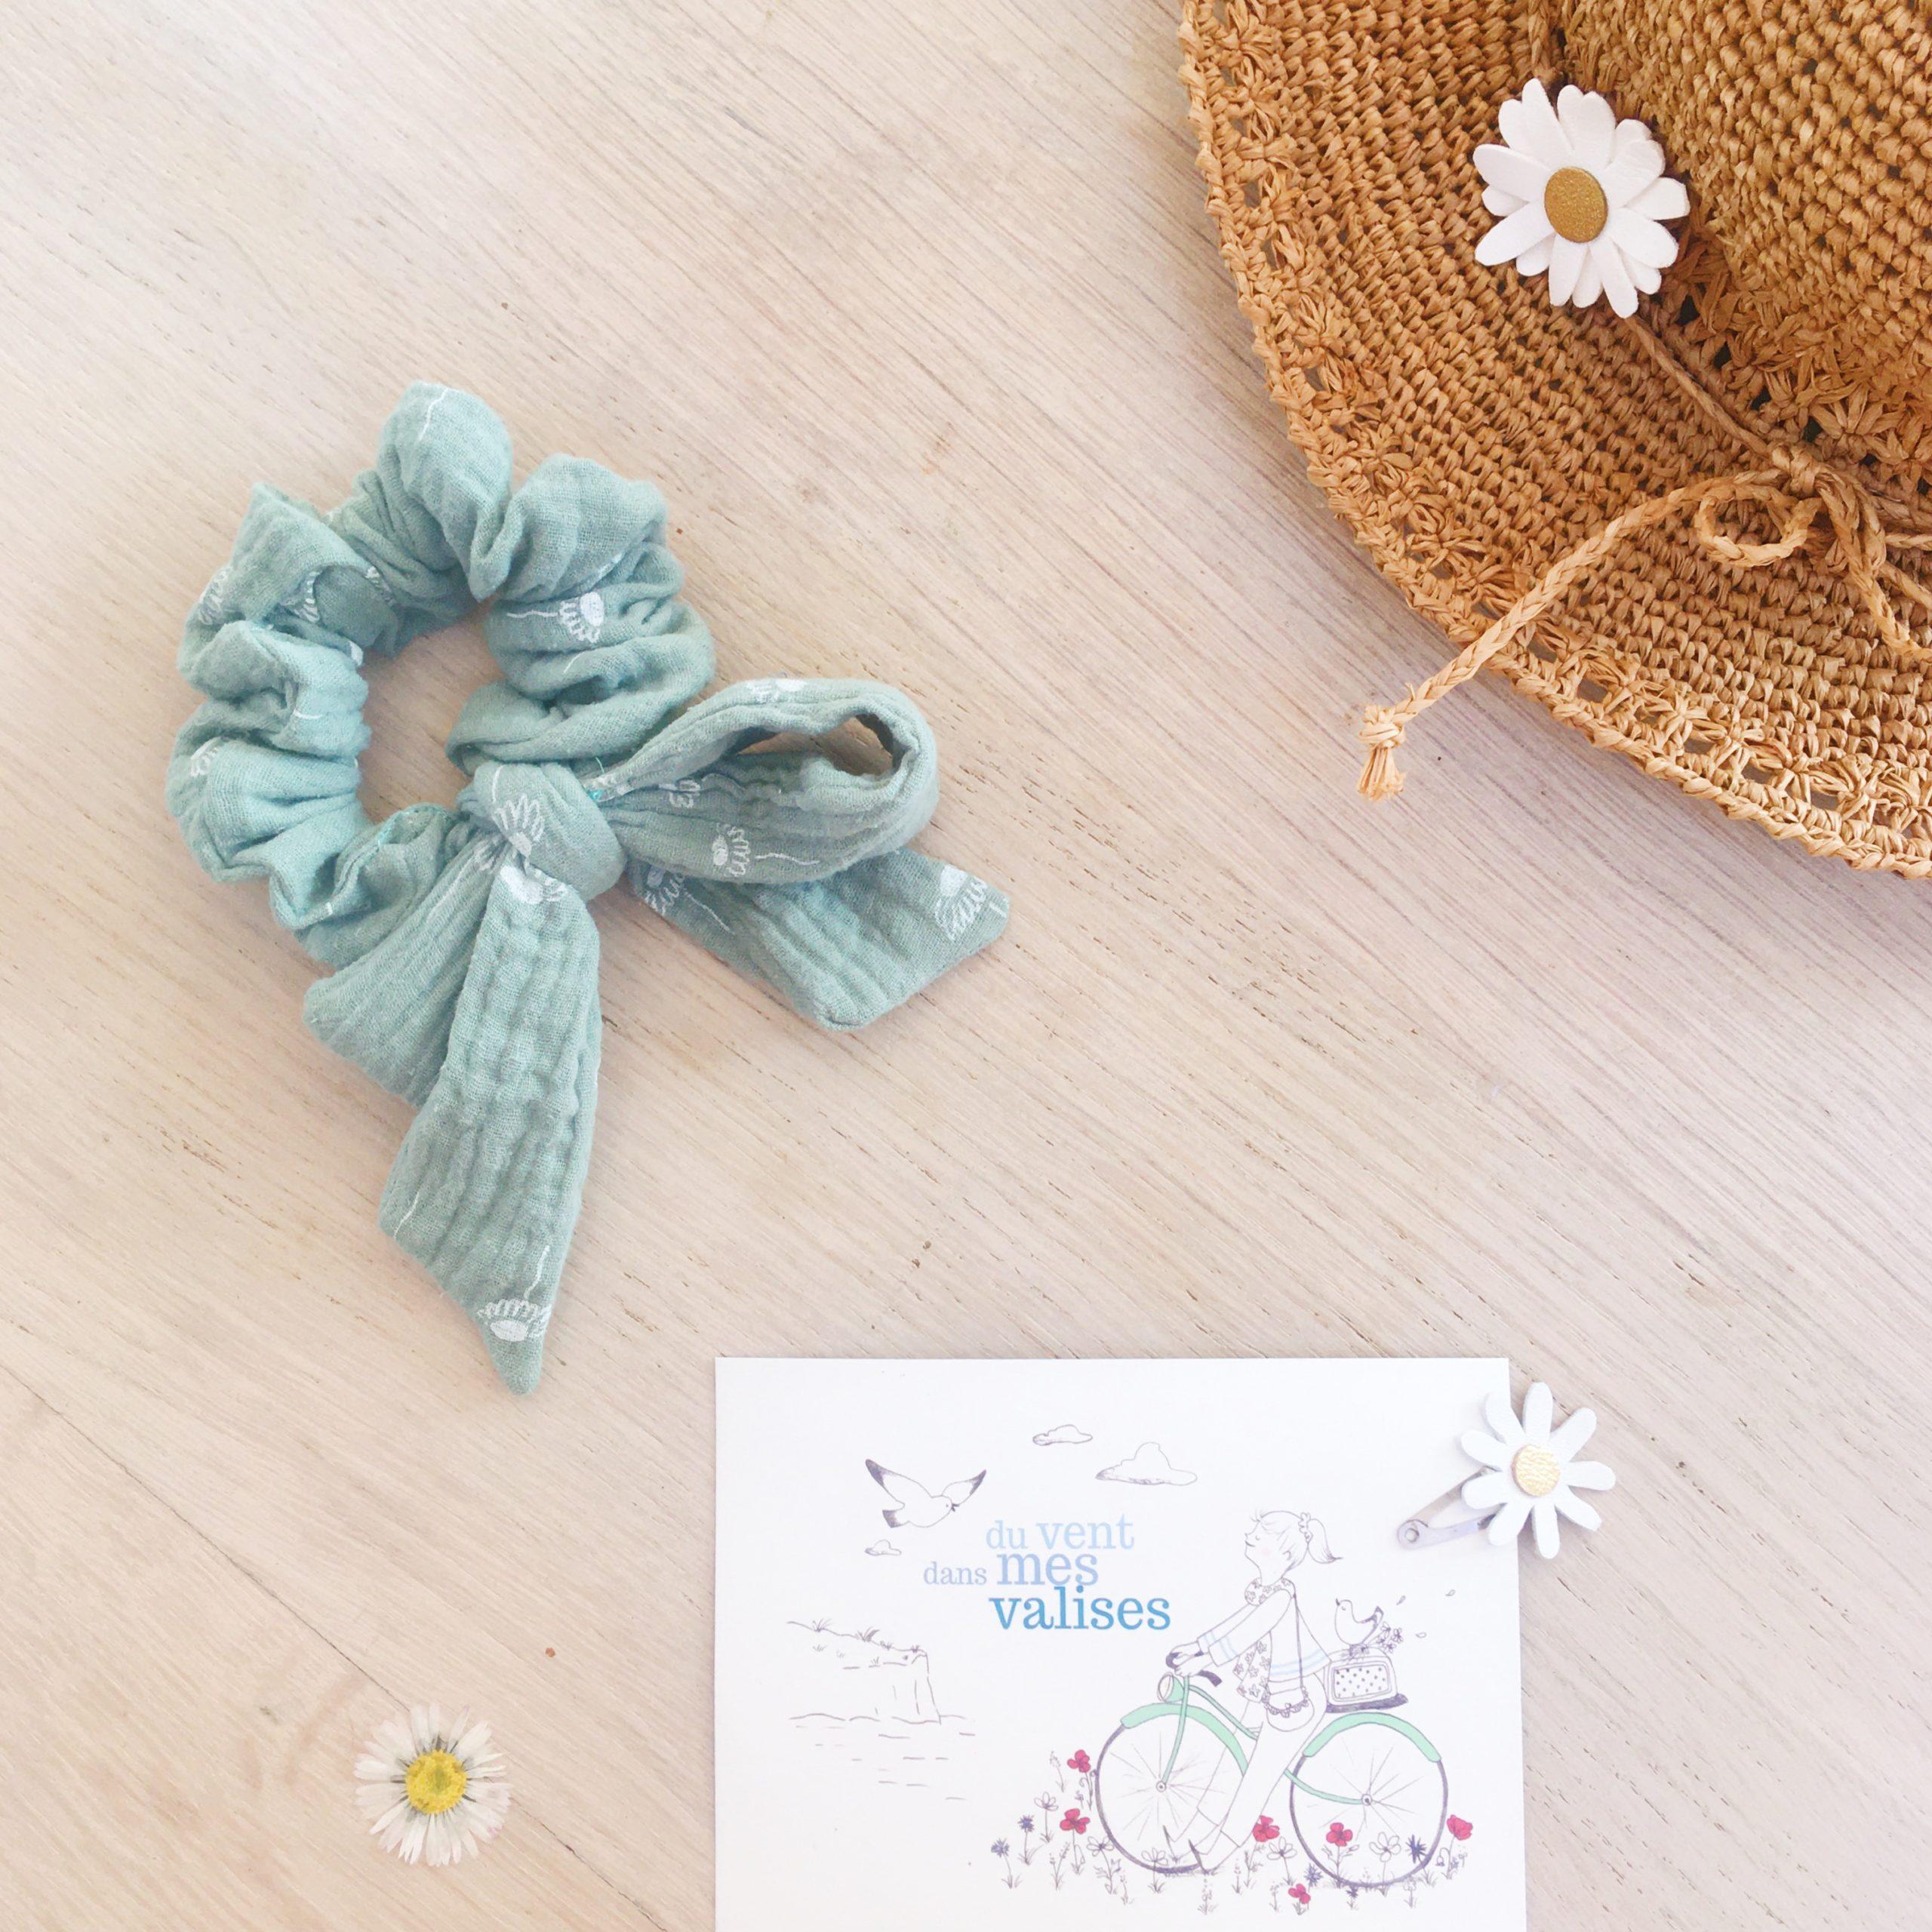 chouchou noeud foulchie chic vert motif adorables pâquerettes fabrication artisanale française en double gaze de coton - du vent dans mes valises